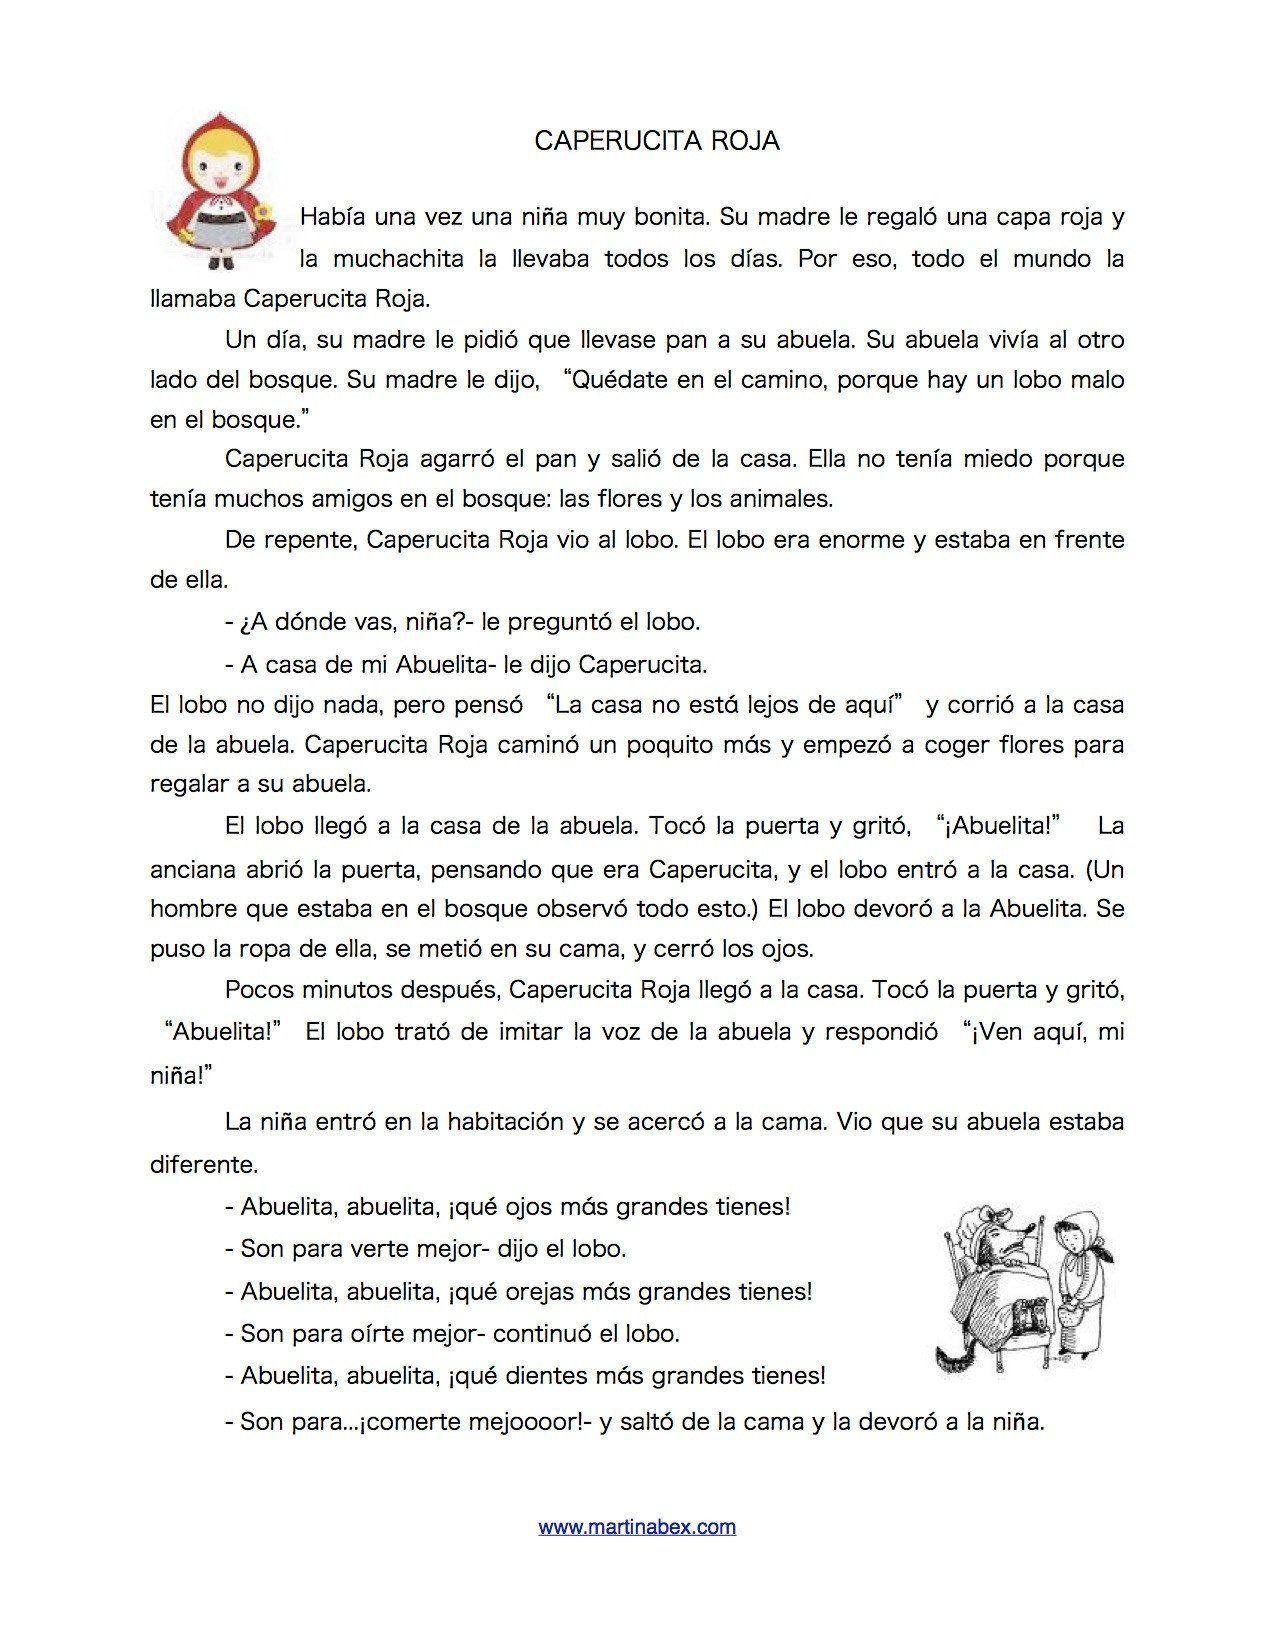 Caperucita Roja Worksheet Answers Caperucita Roja The